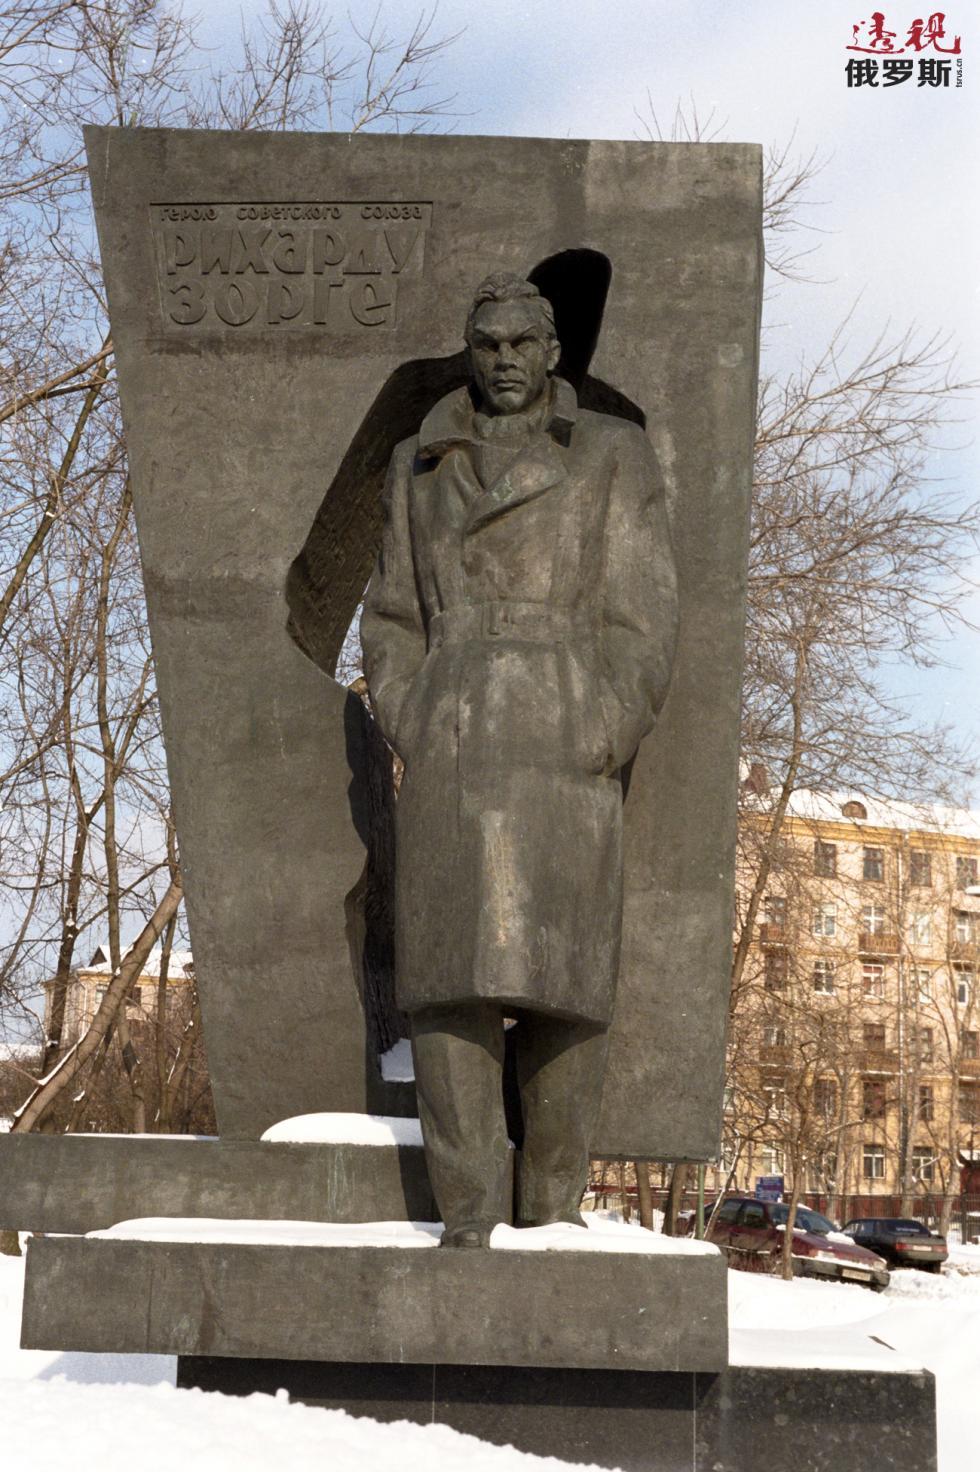 位于莫斯科的佐尔格纪念碑。图片来源:俄新社